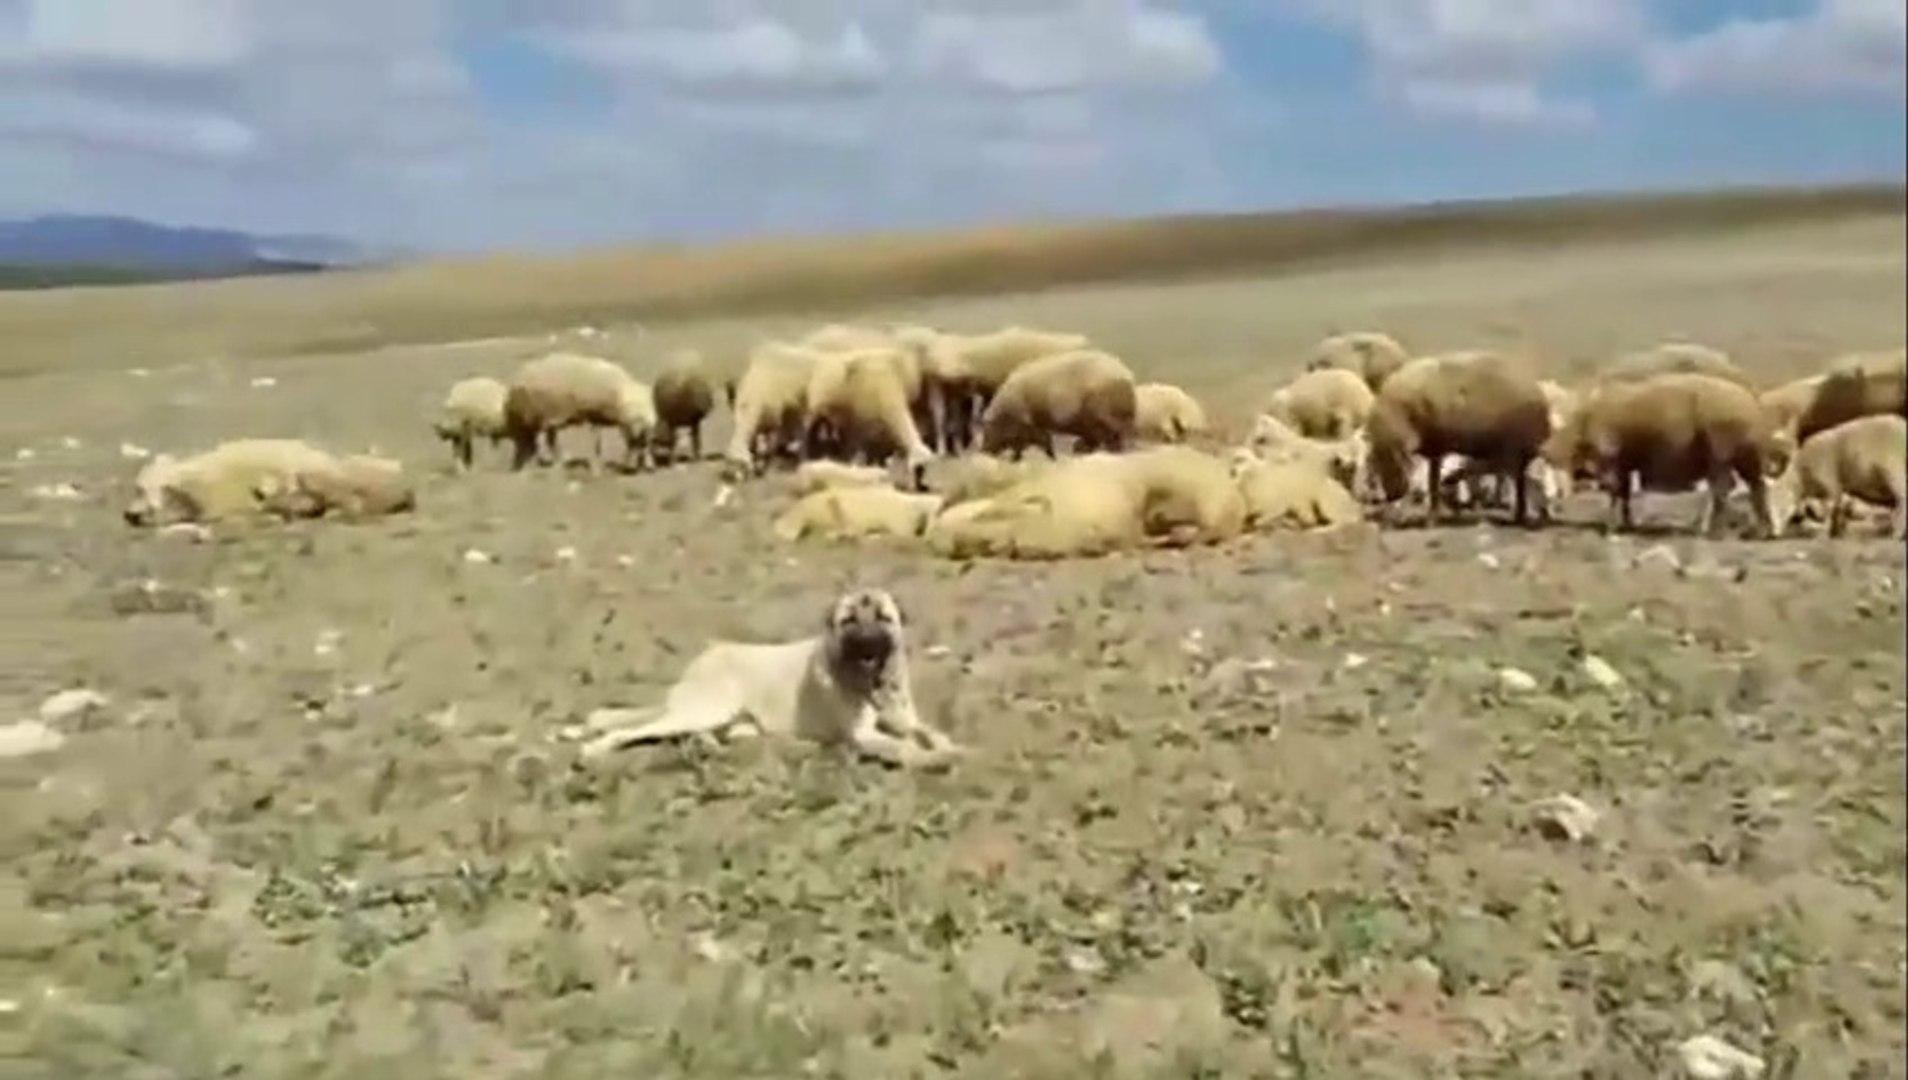 KANGAL KOPEKLERi KURDA KARSI KOYUN KORUMA - KANGAL SHEPHERD DOGS and SHEEPS